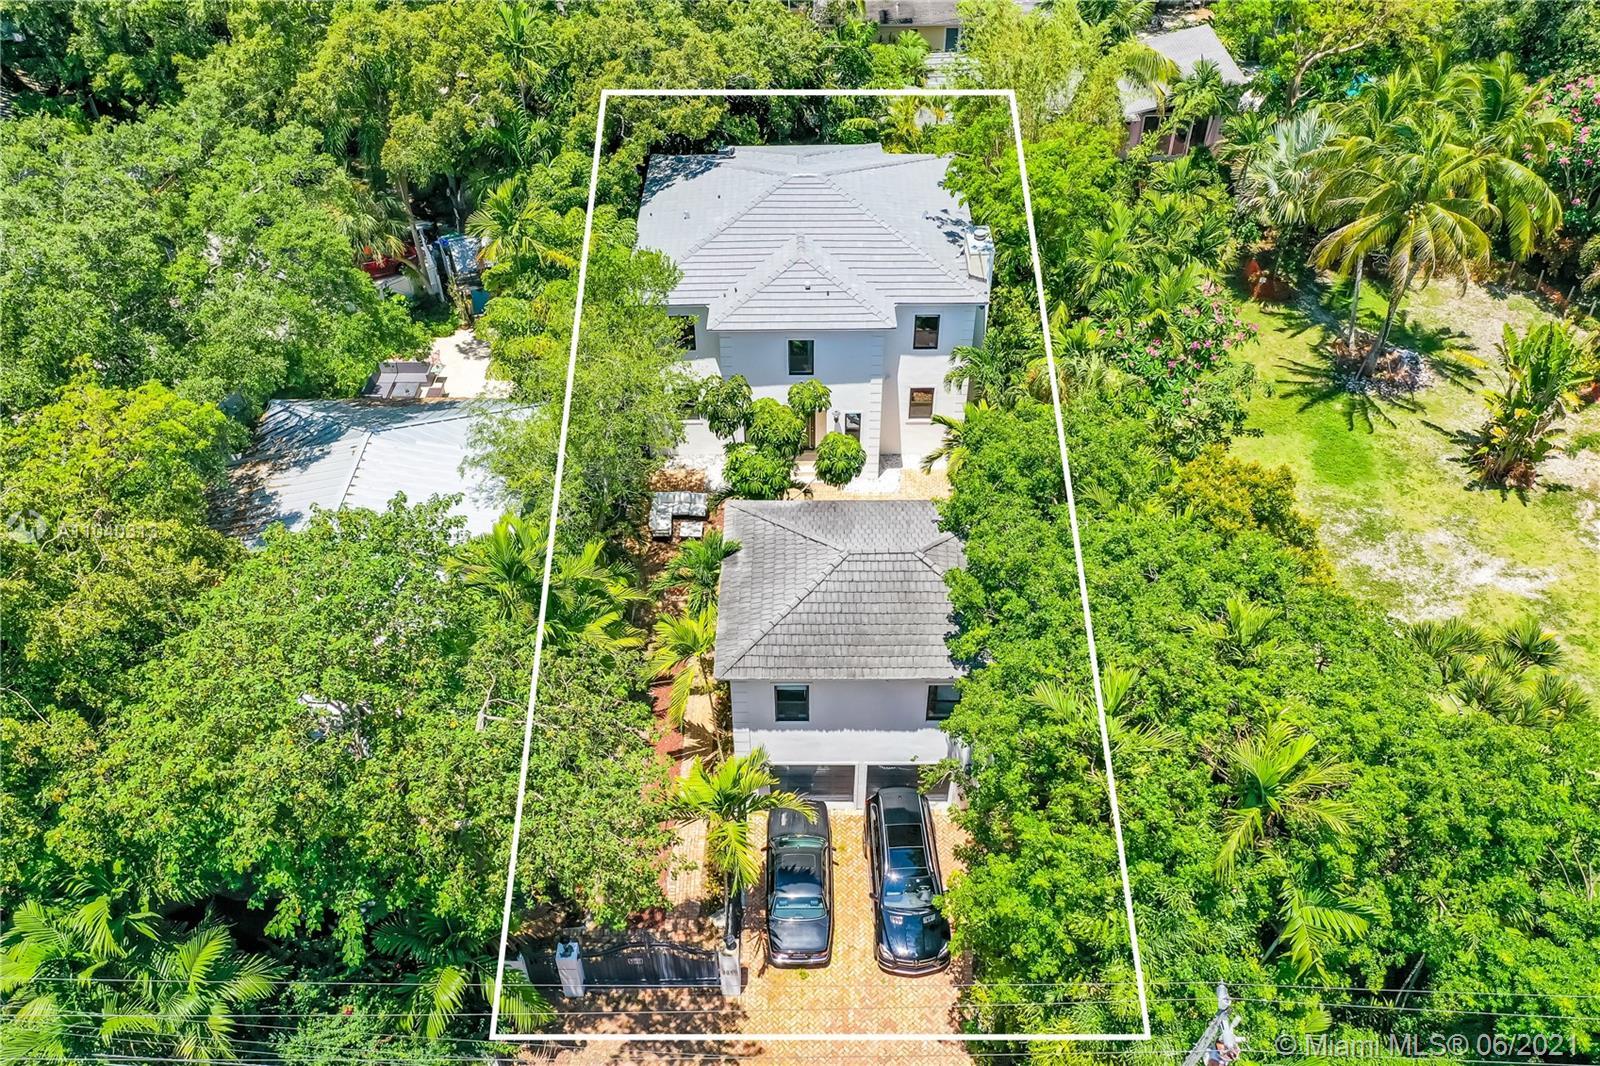 3670 Douglas Rd, Coconut Grove, Florida 33133